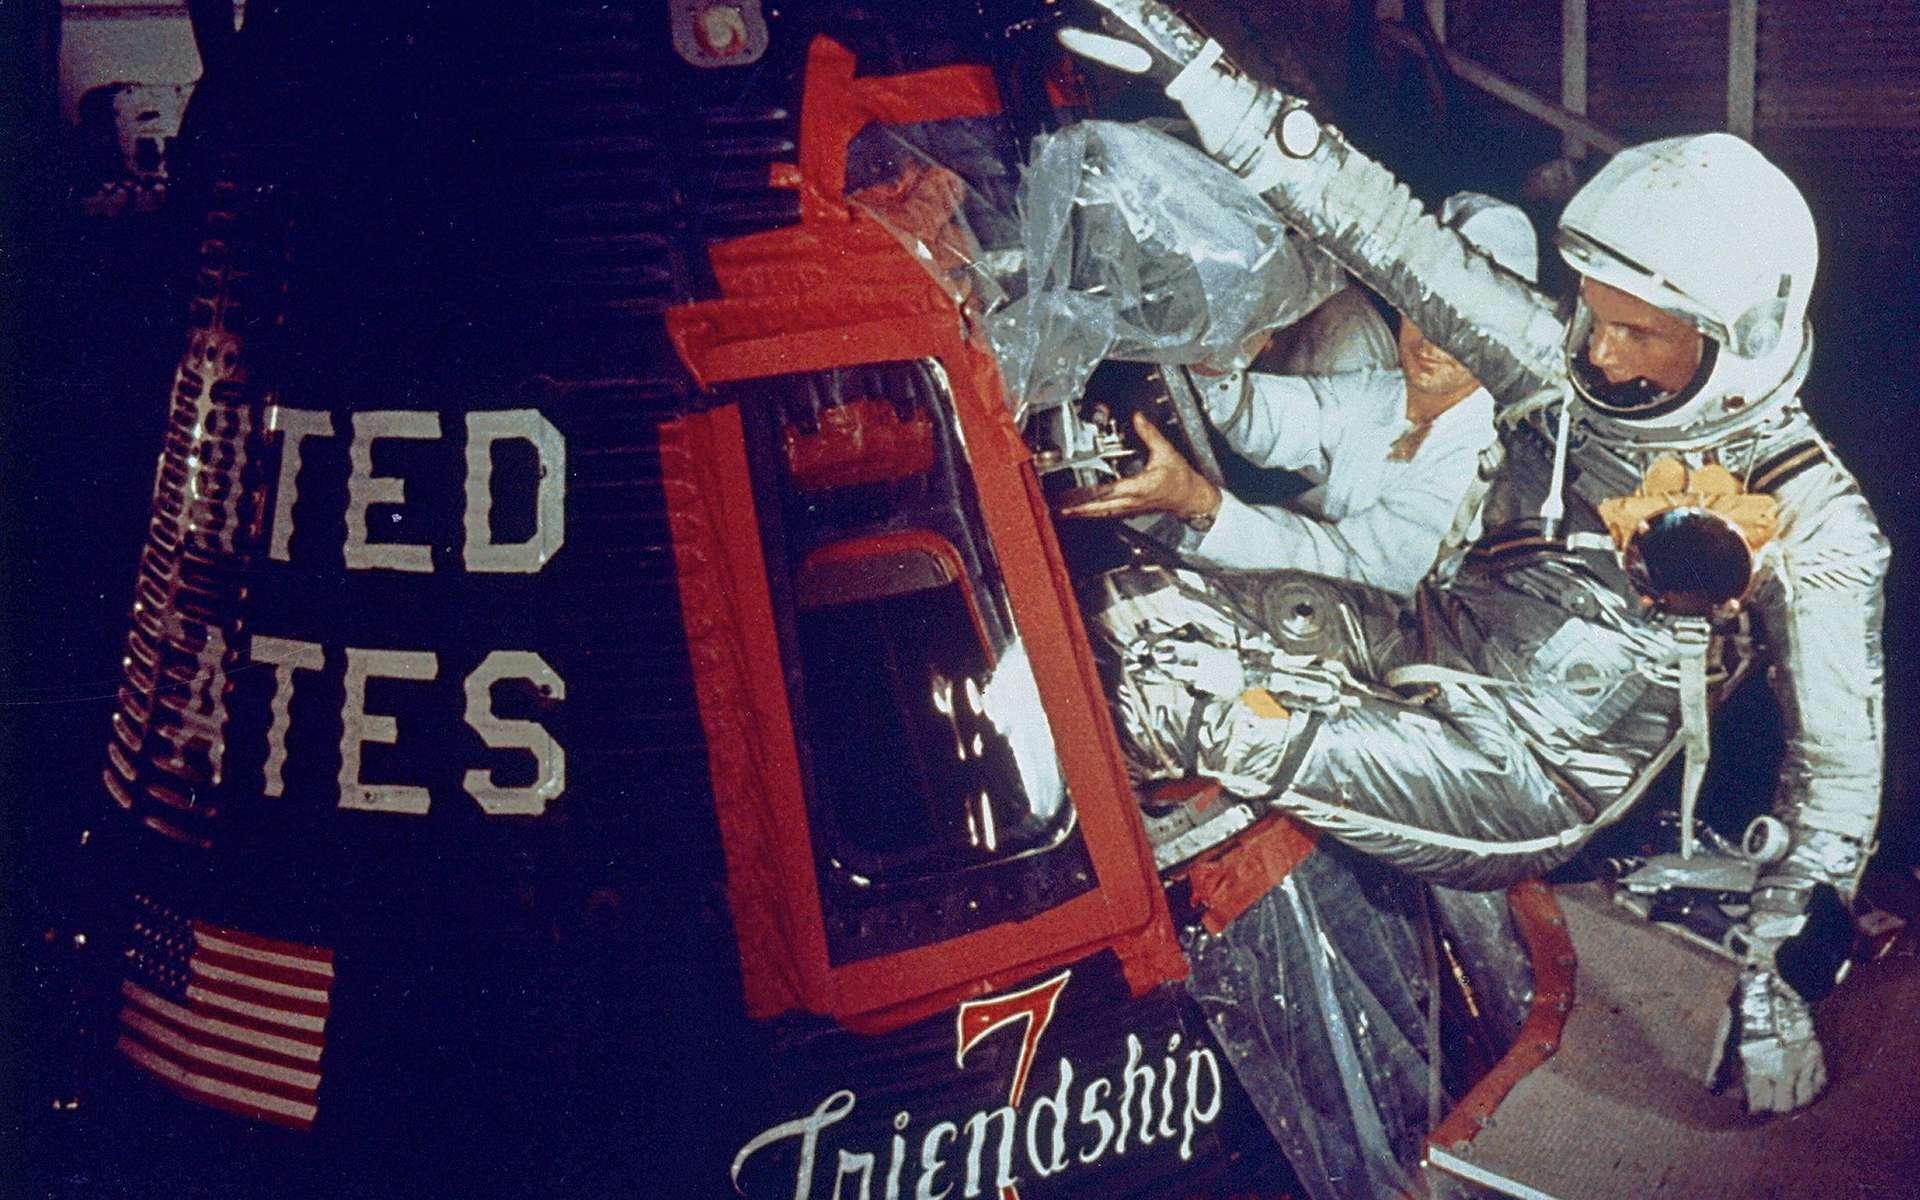 John Glenn entre dans la capsule Friendship, le matin du 20 octobre 1962. Quelques heures plus tard, près d'un an après Youri Gagarine, il deviendra le premier Américain à réaliser un vol orbital autour de la Terre. © Nasa